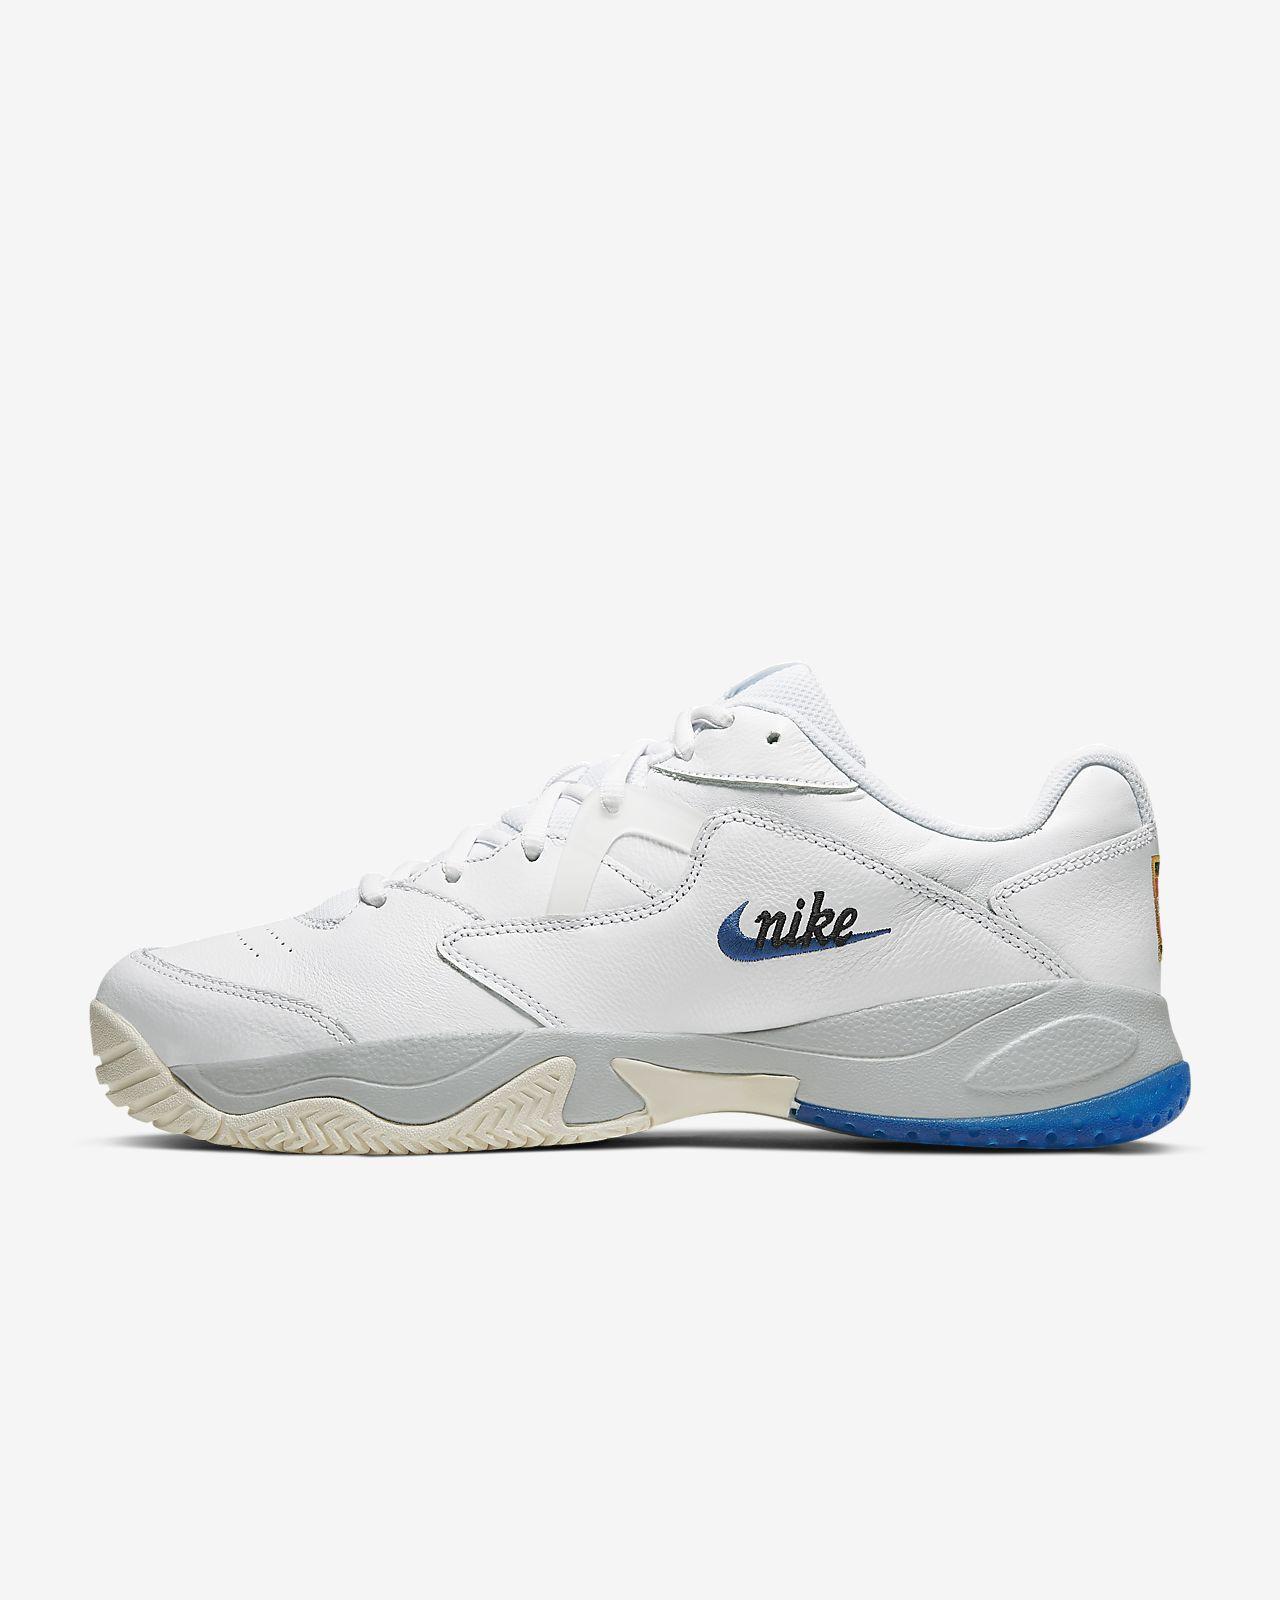 Calzado de tenis para hombre NikeCourt Lite 2 Premium